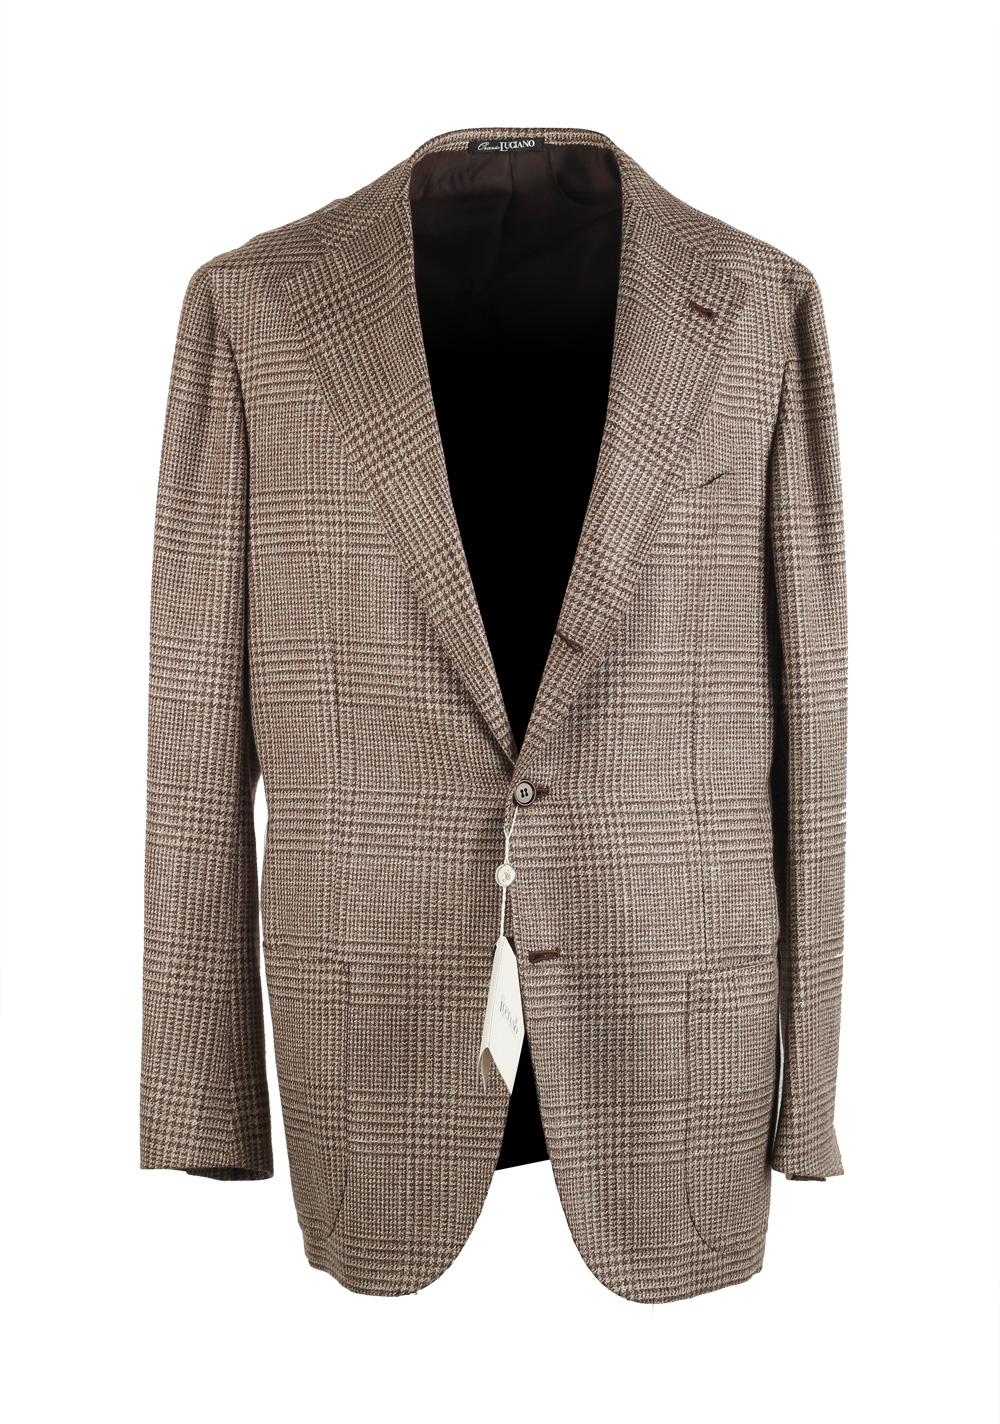 Orazio Luciano Beige Sport Coat Size 50L / 40L U.S. In Wool Linen Silk | Costume Limité